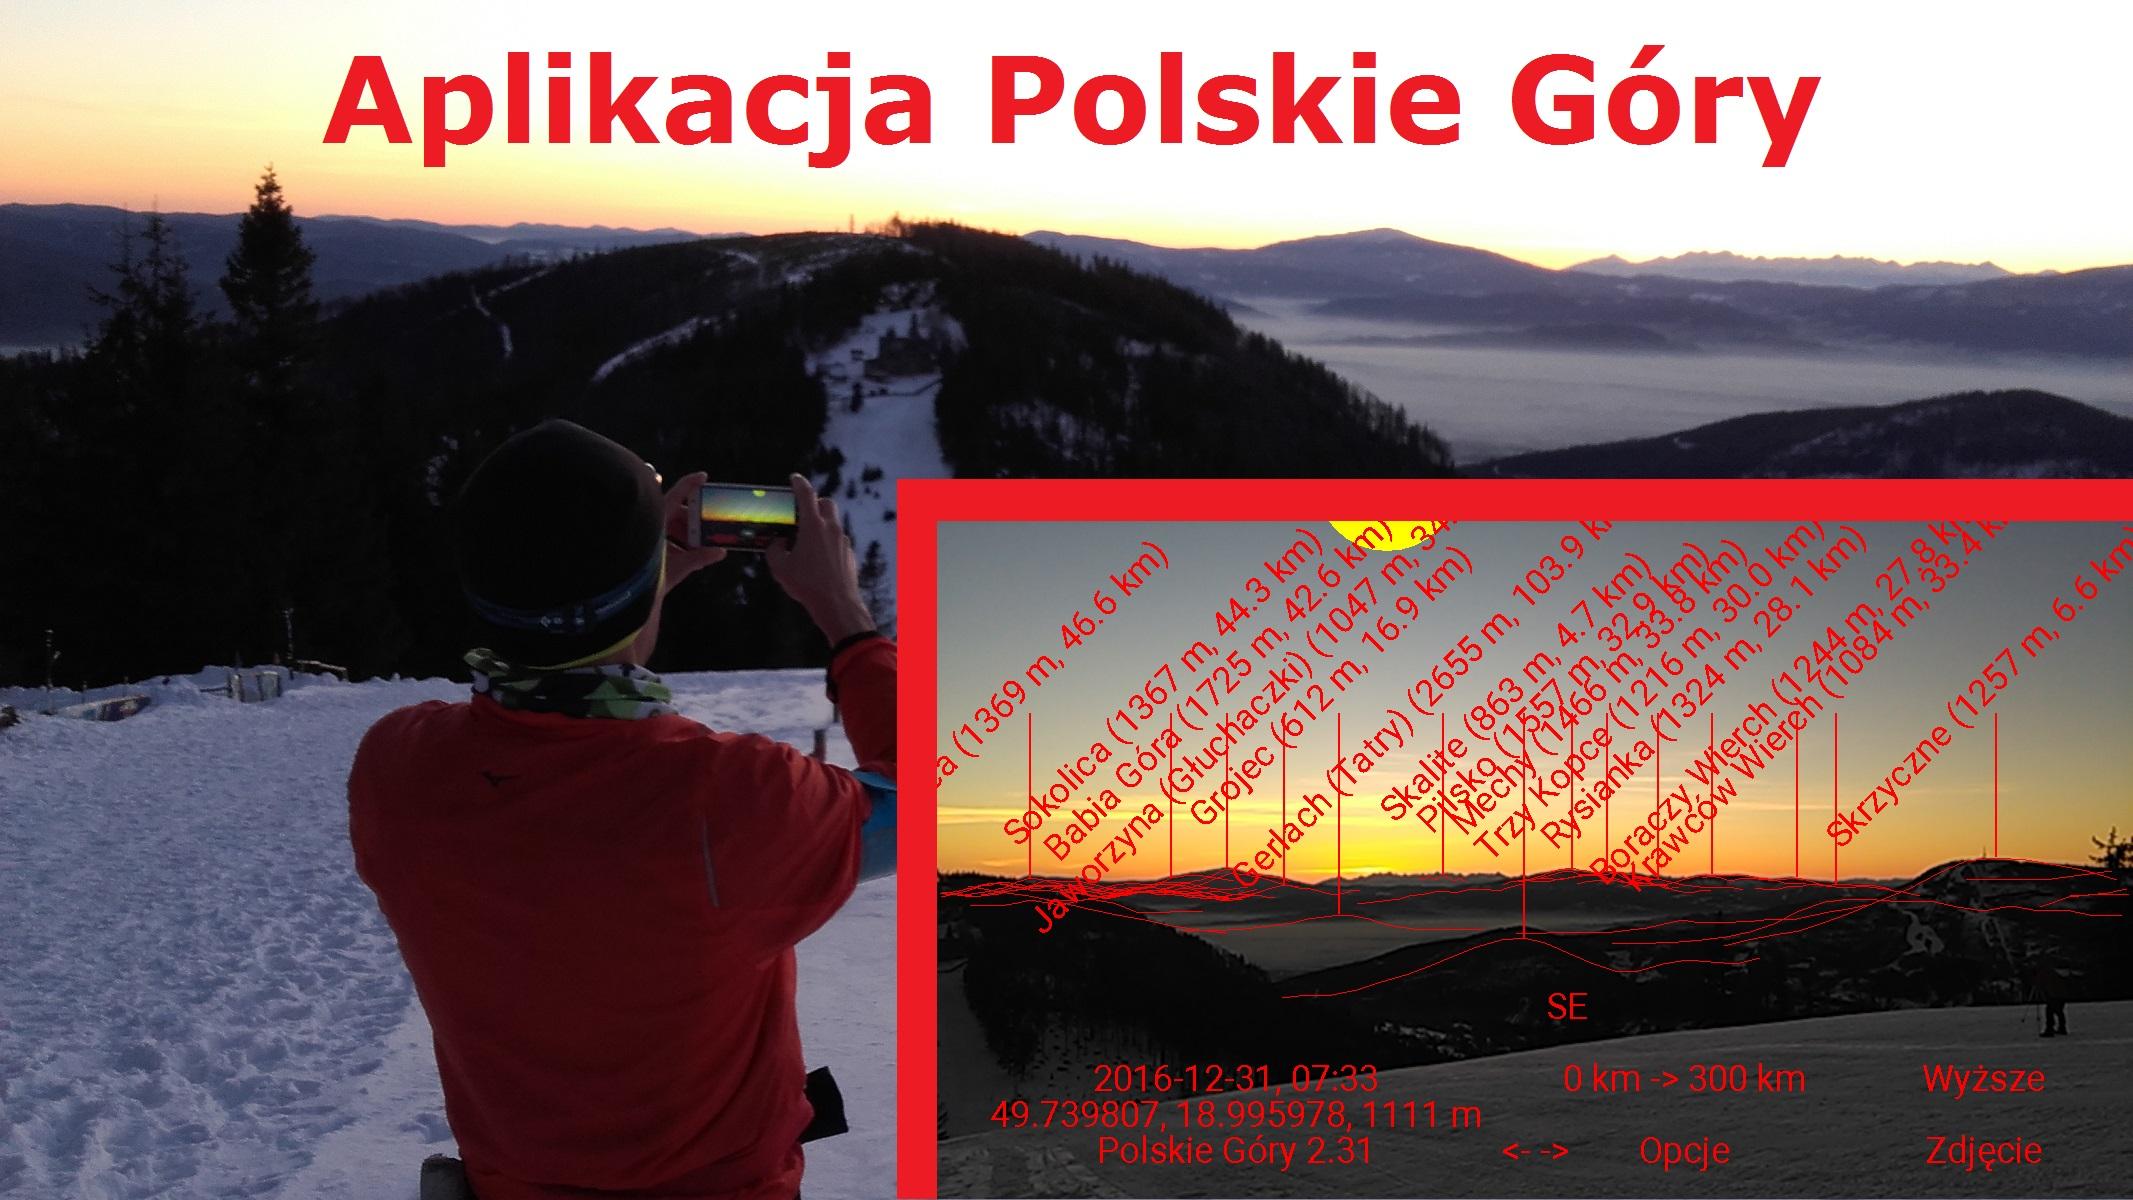 http://polskiegory.byledobiec.pl/image/polskiegory_ulotka_2.jpg